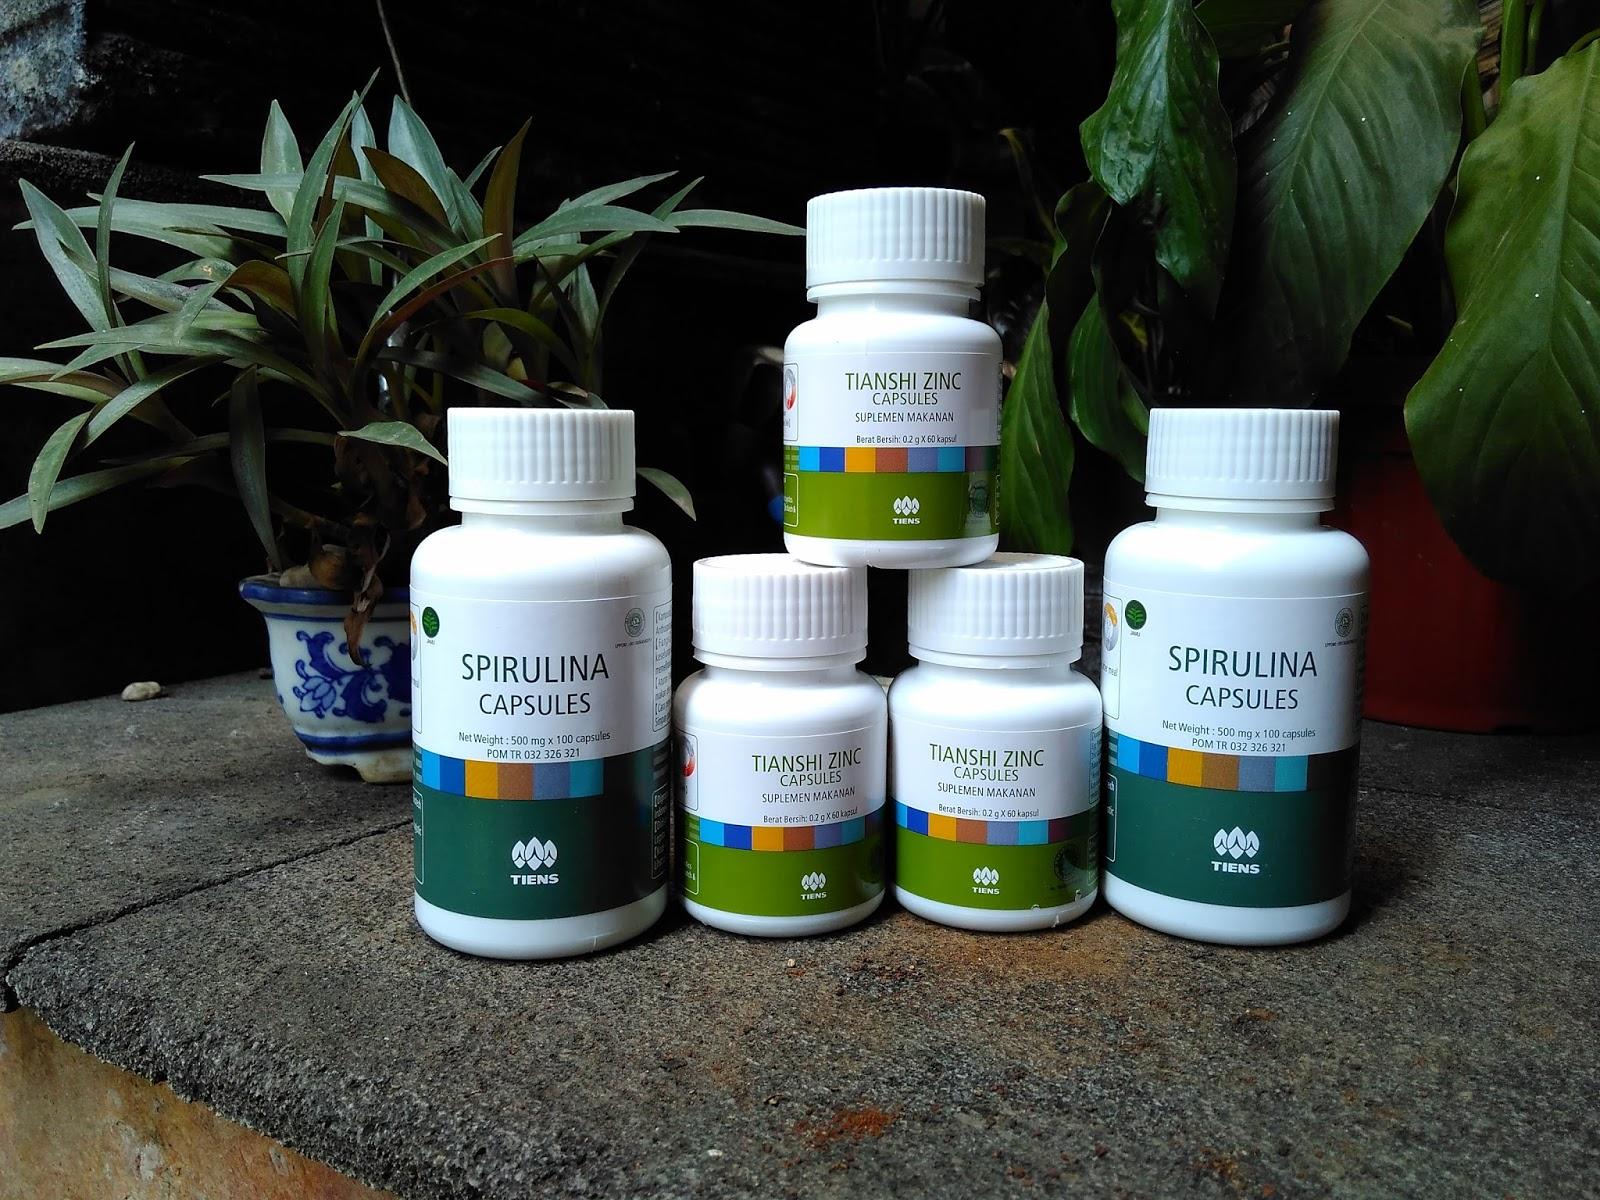 Toko Tiens Sehat Paket Penggemuk Badan Berikut Ini Adalah Beberapa Jenis Yang Tersedia Dengan Harga Baru Silahkan Pilih Sesuai Kebutuhan Anda